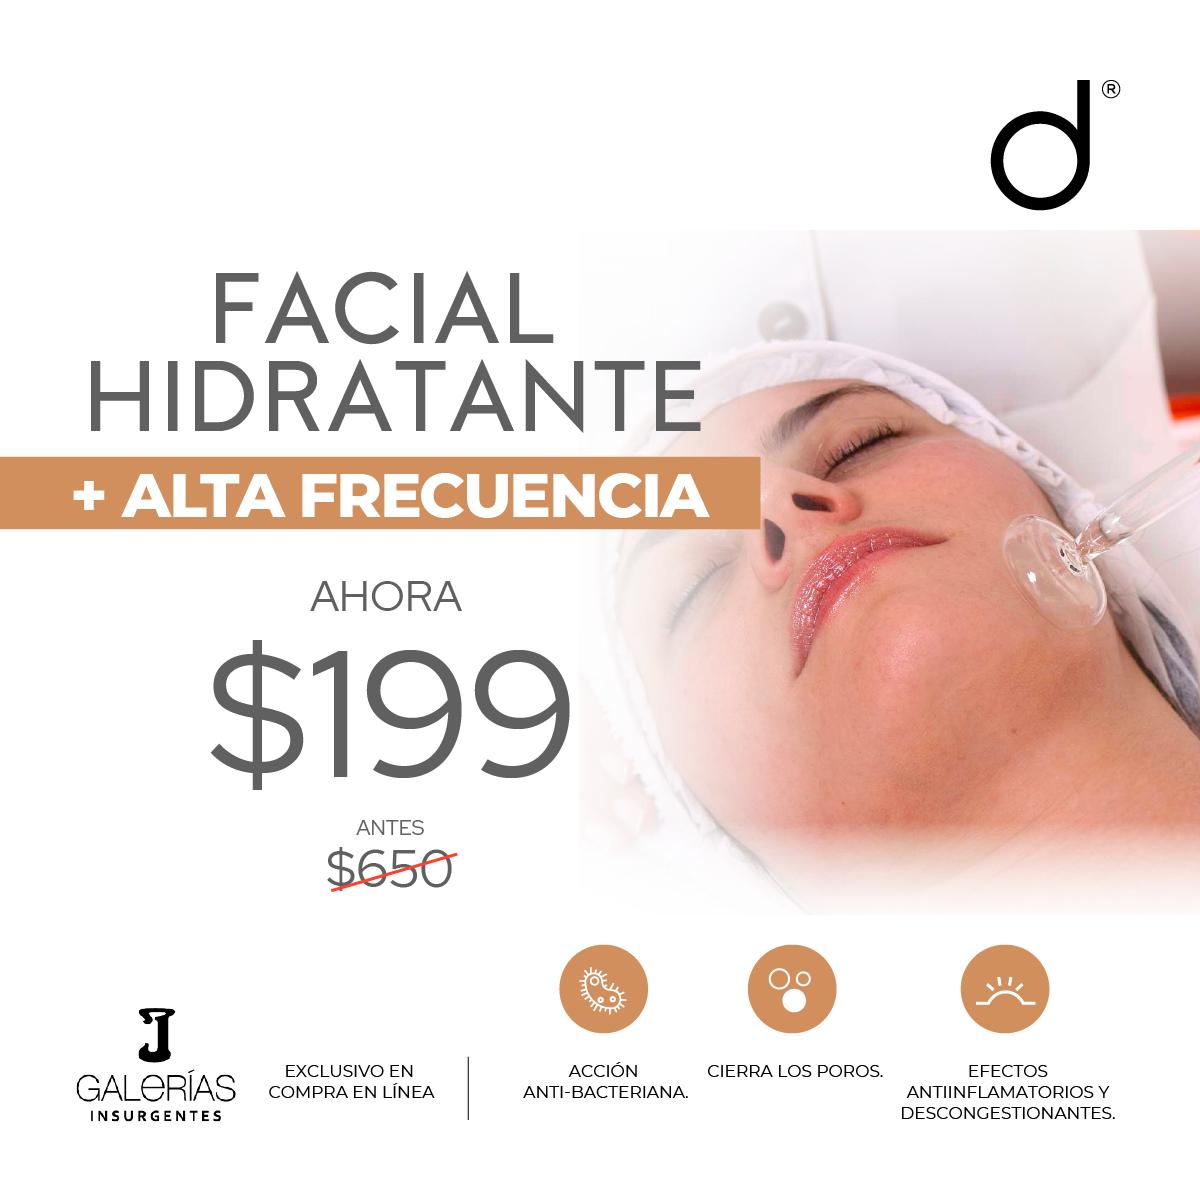 Facial Hidratante + Alta Frecuencia- SÓLO GALERÍAS INSURGENTES&w=900&h=900&fit=crop